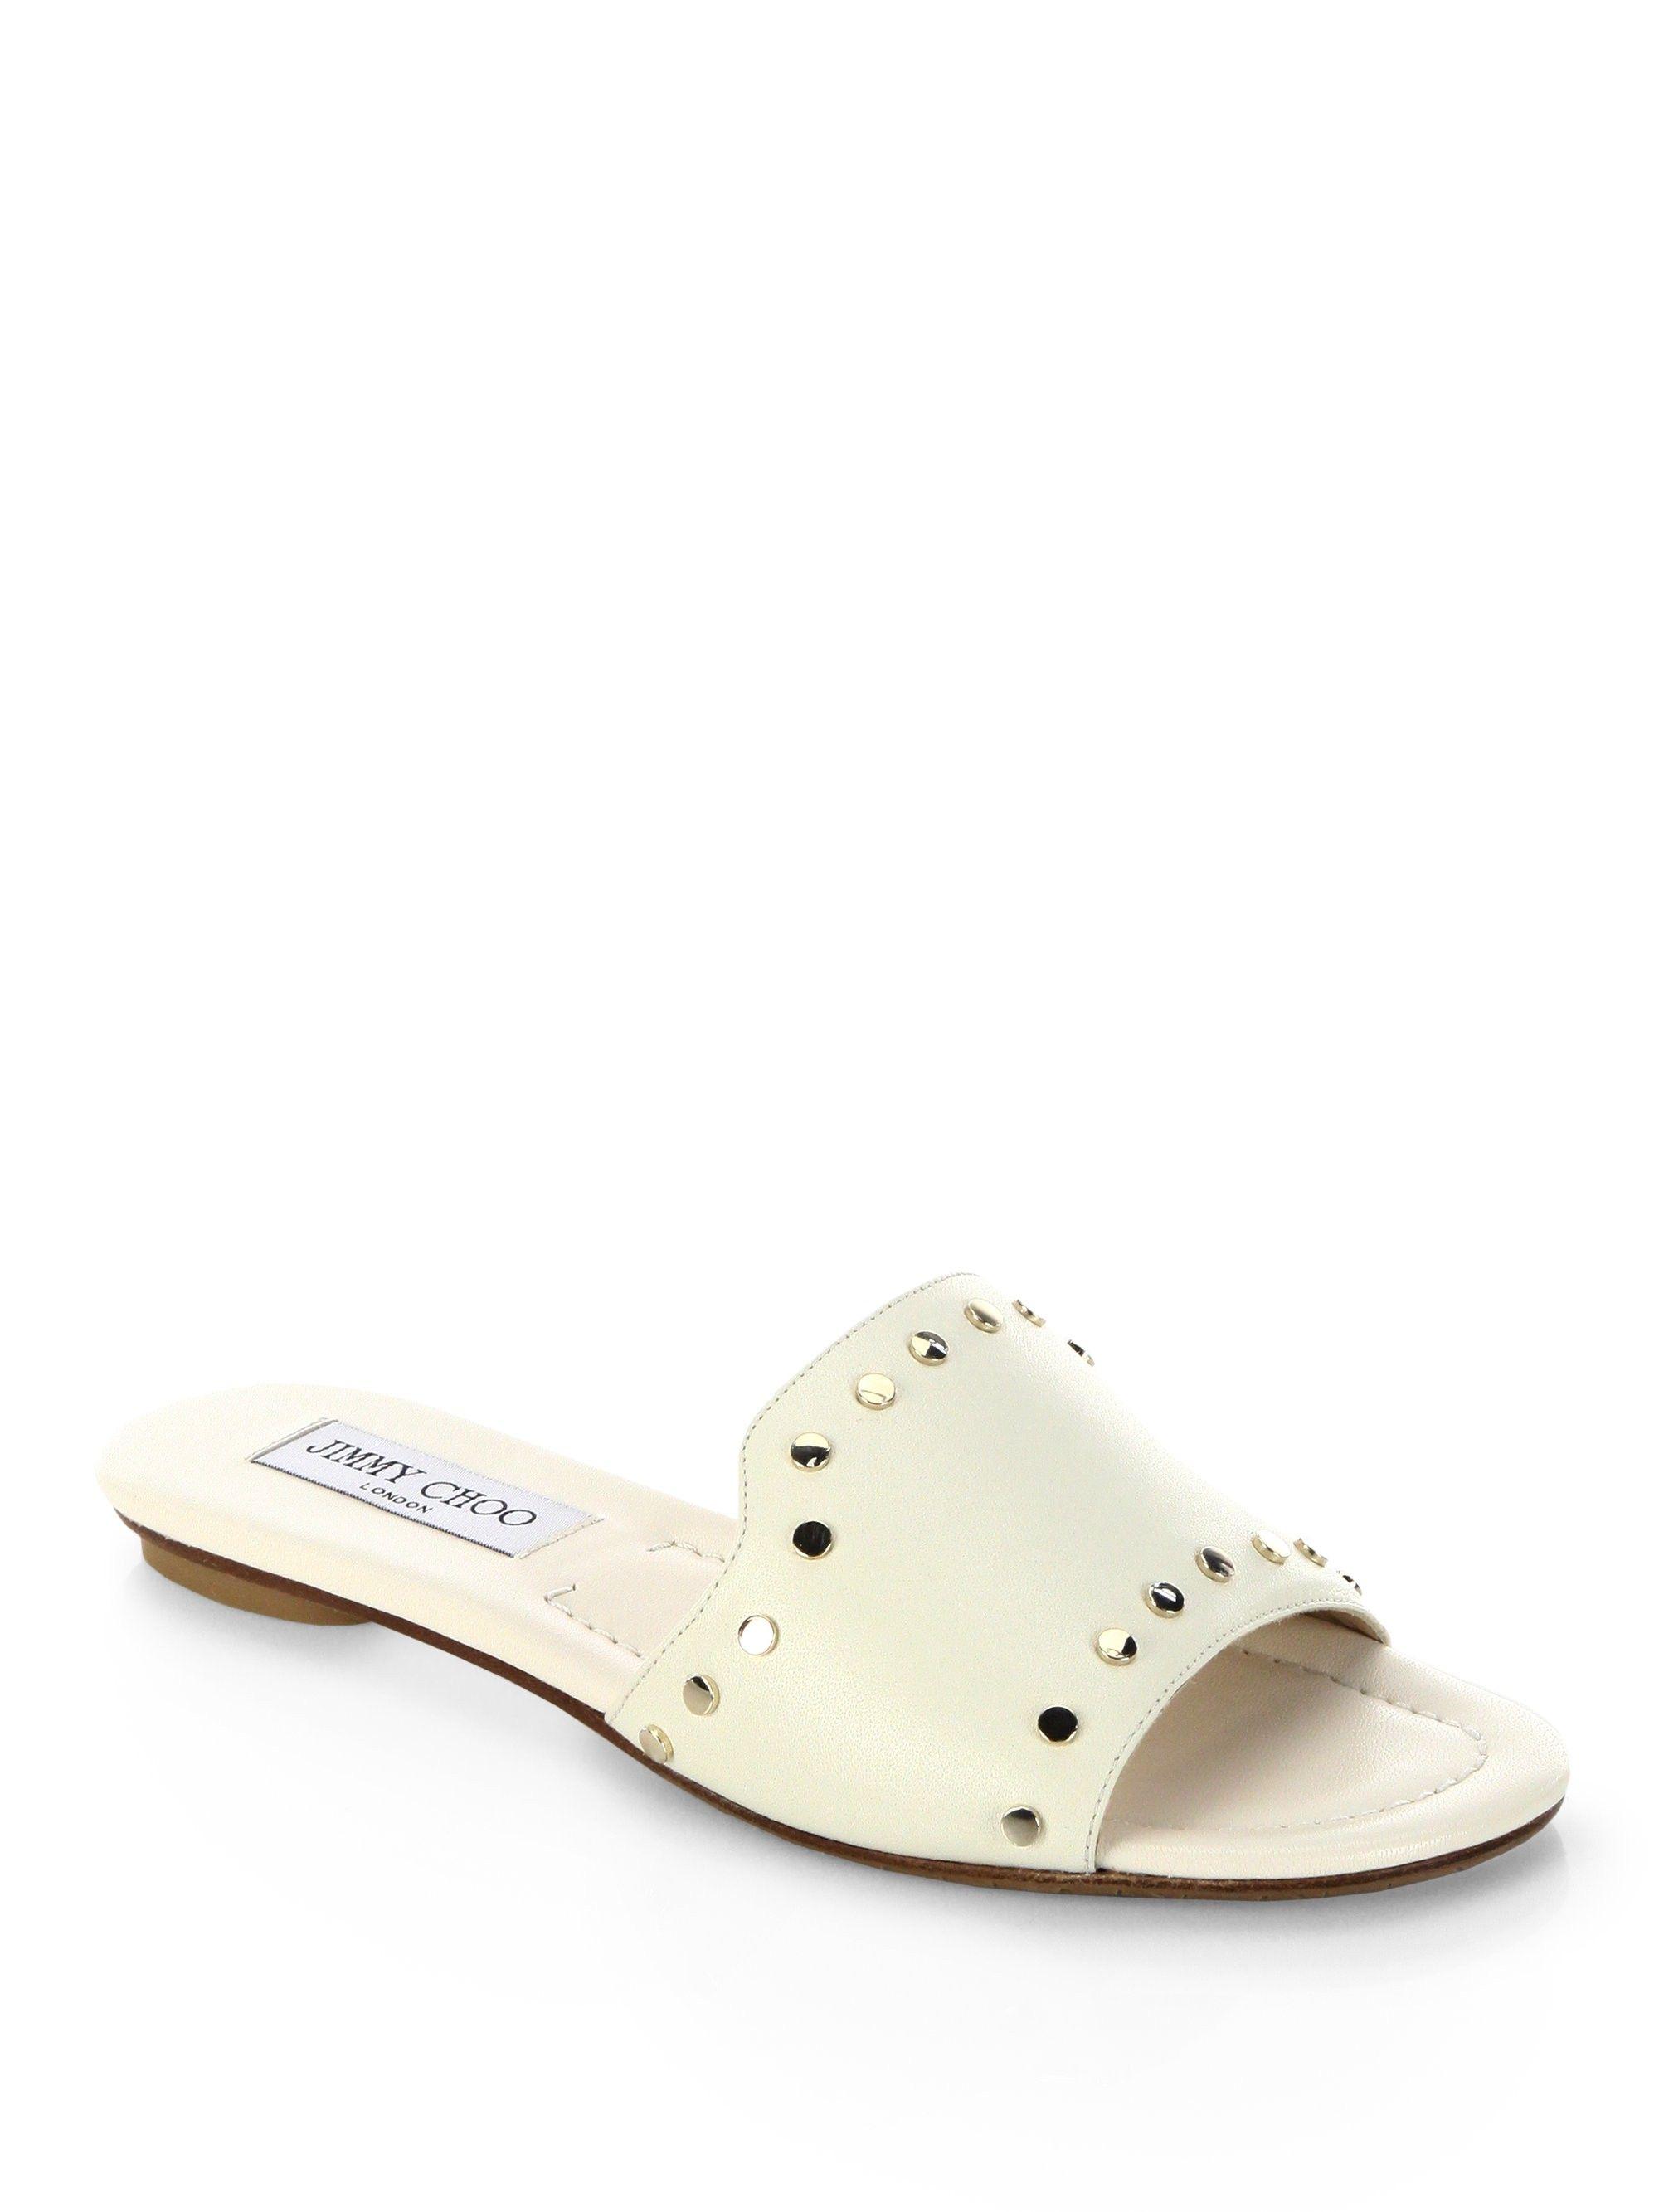 64f063c1d43b Jimmy Choo Nanda Nwu Studded Leather Slides - White Gold 35.5 (5.5 ...